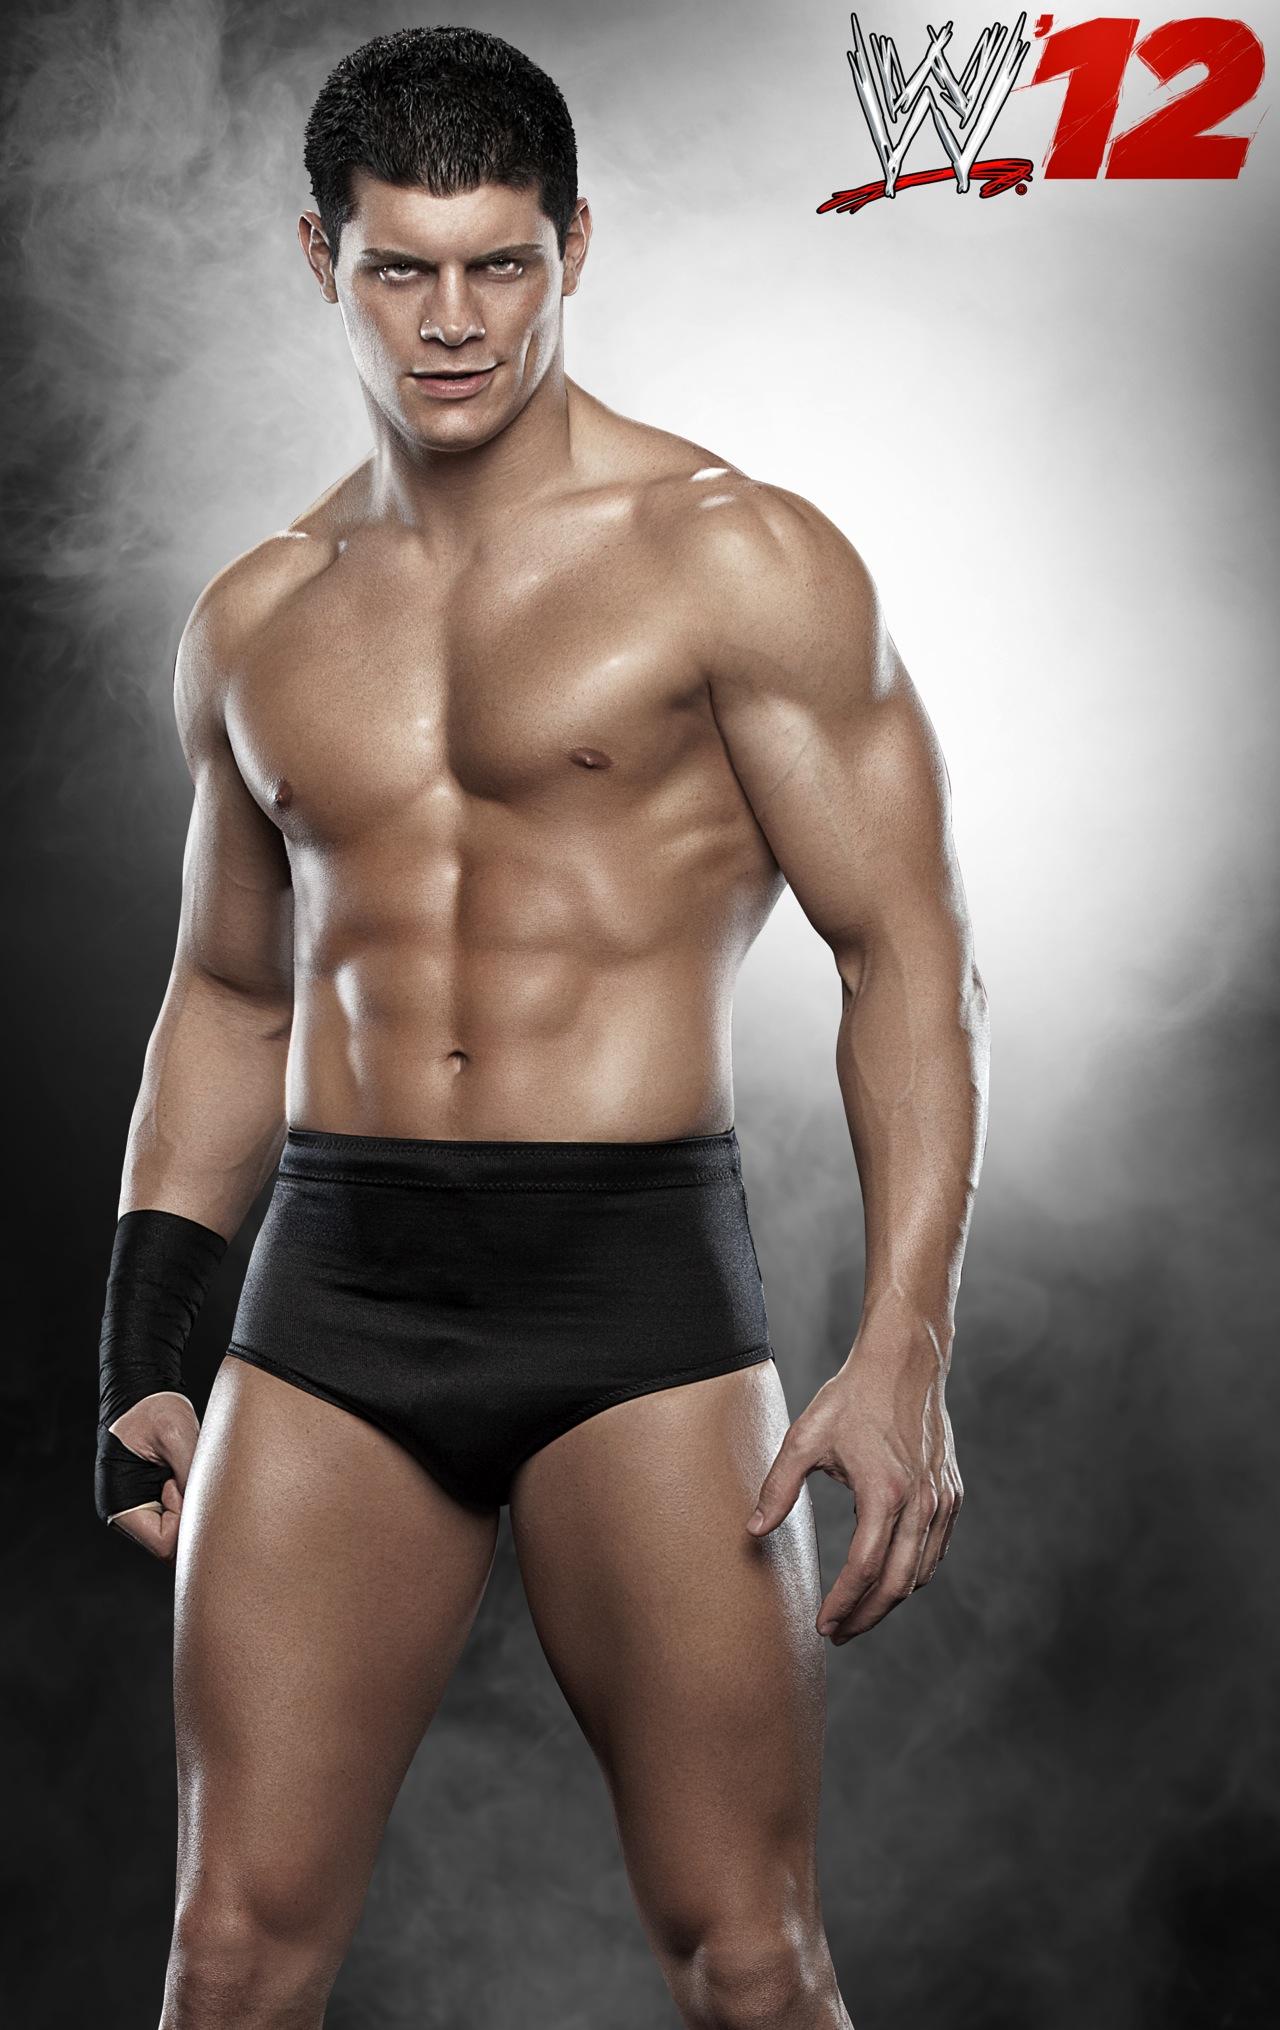 WWE '12 (Renders vom 19 10 2011) Screenshot Galerie GamersGlobal de